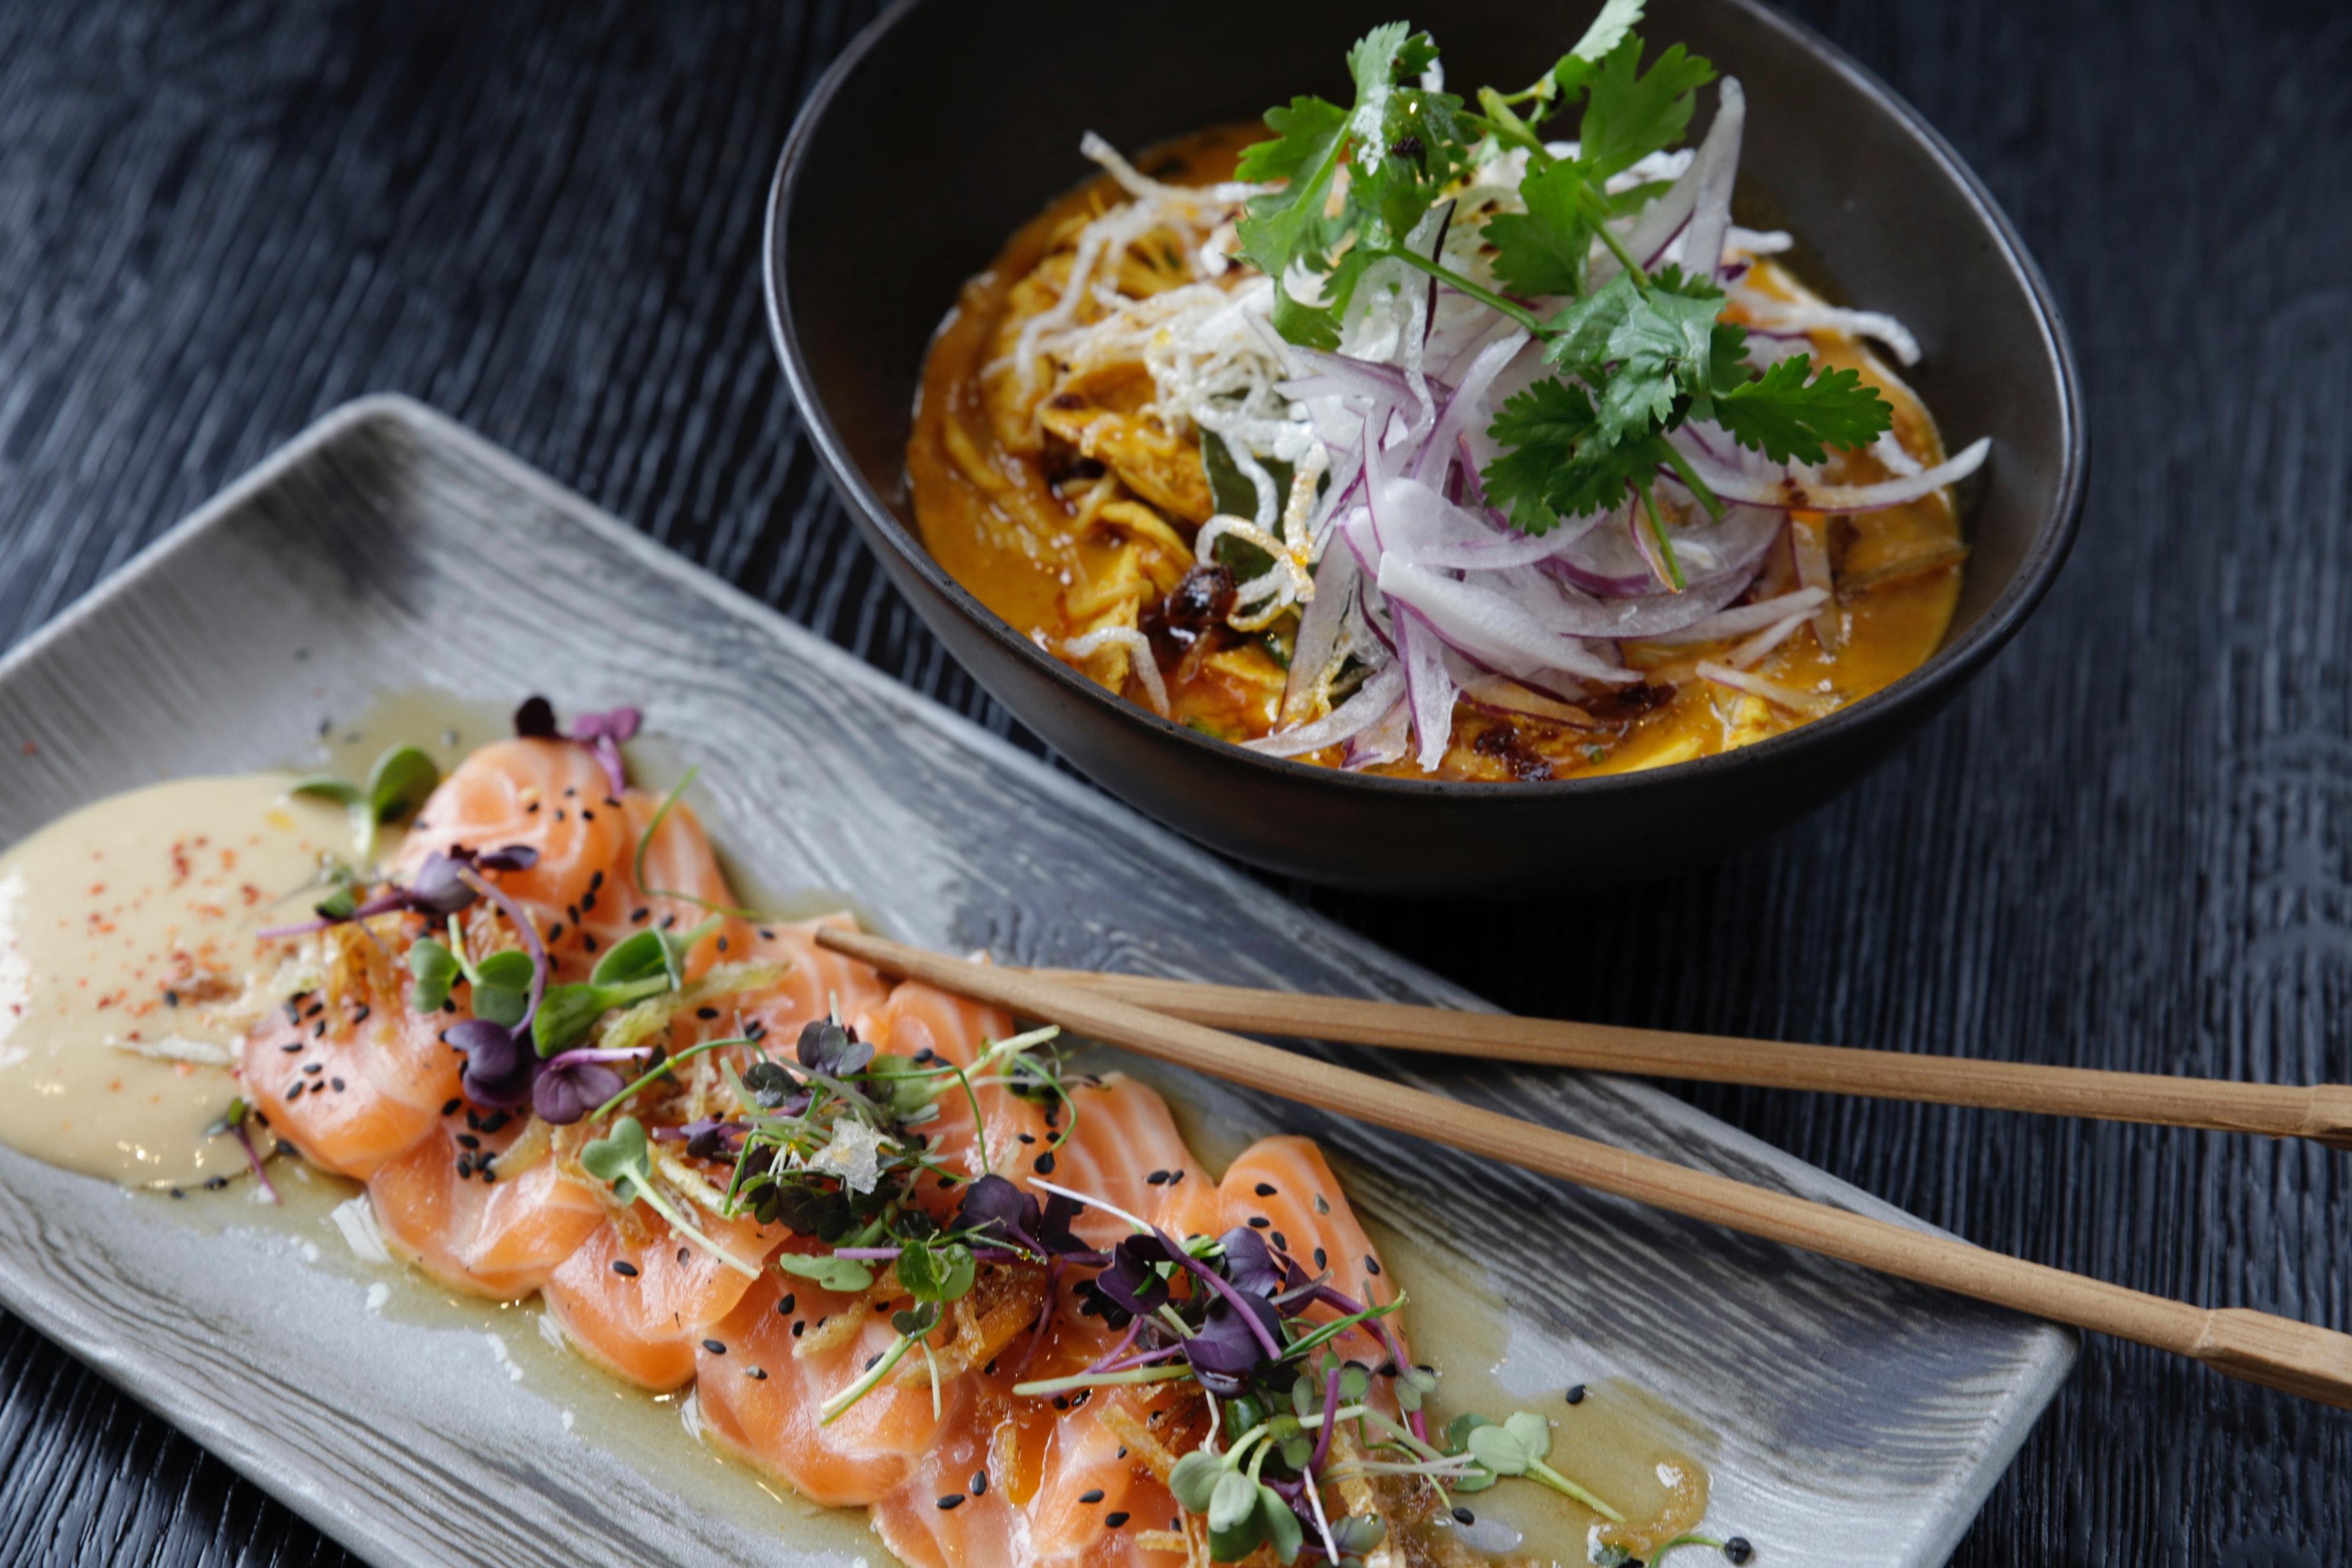 asian-food-bowl-chopsticks-628776